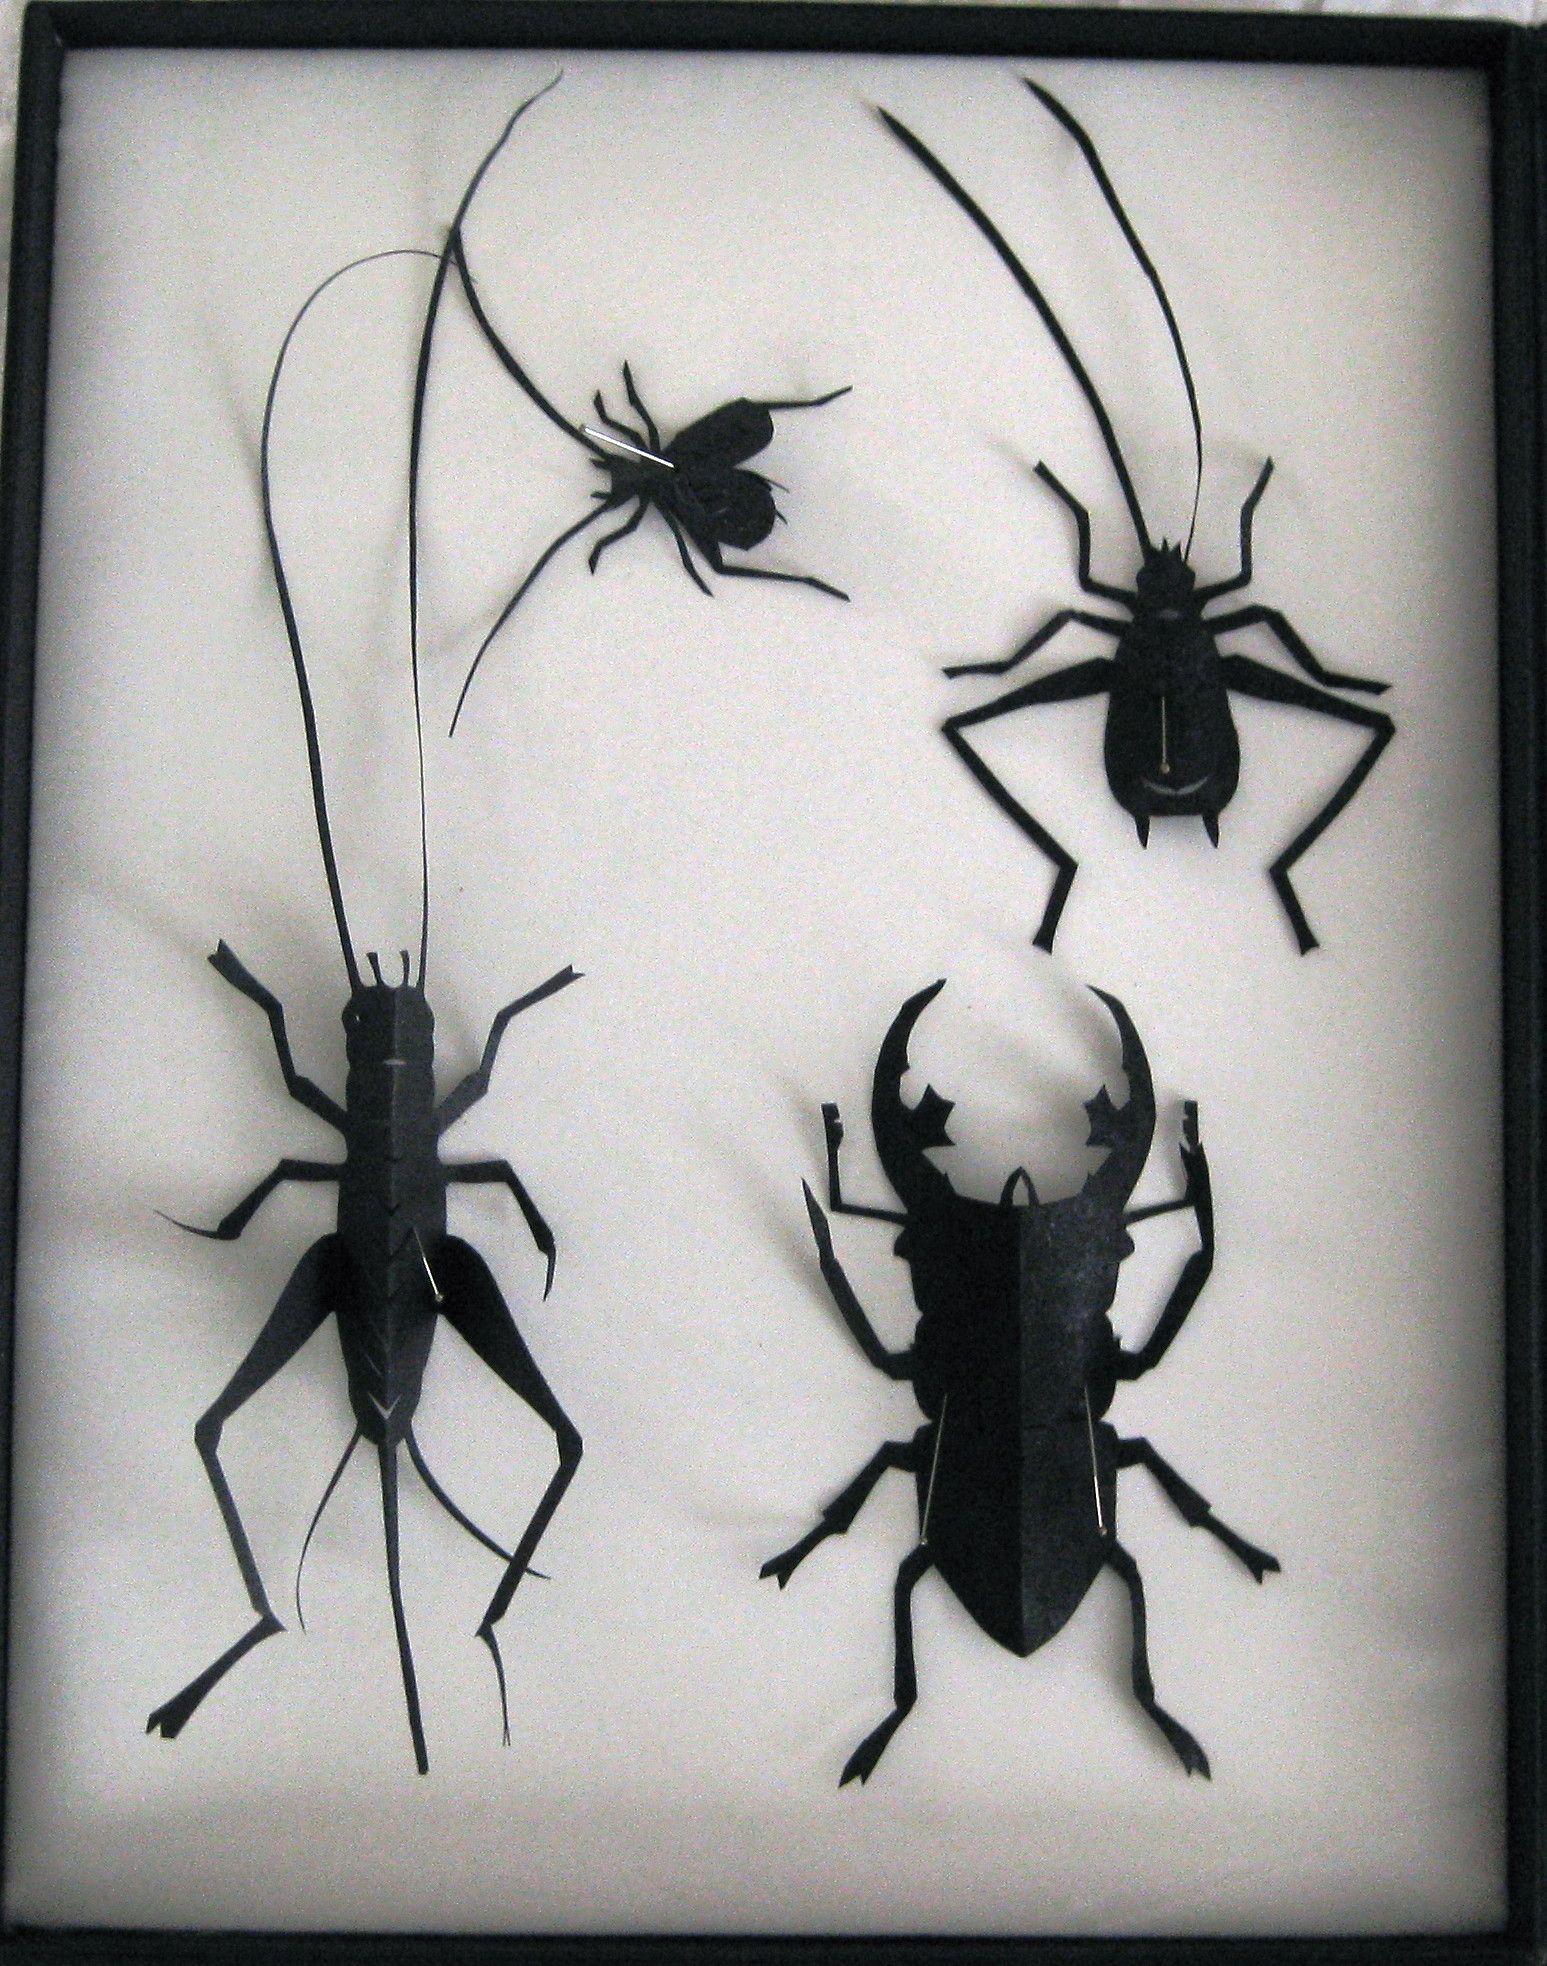 Resultado de imagen para insect kirigami